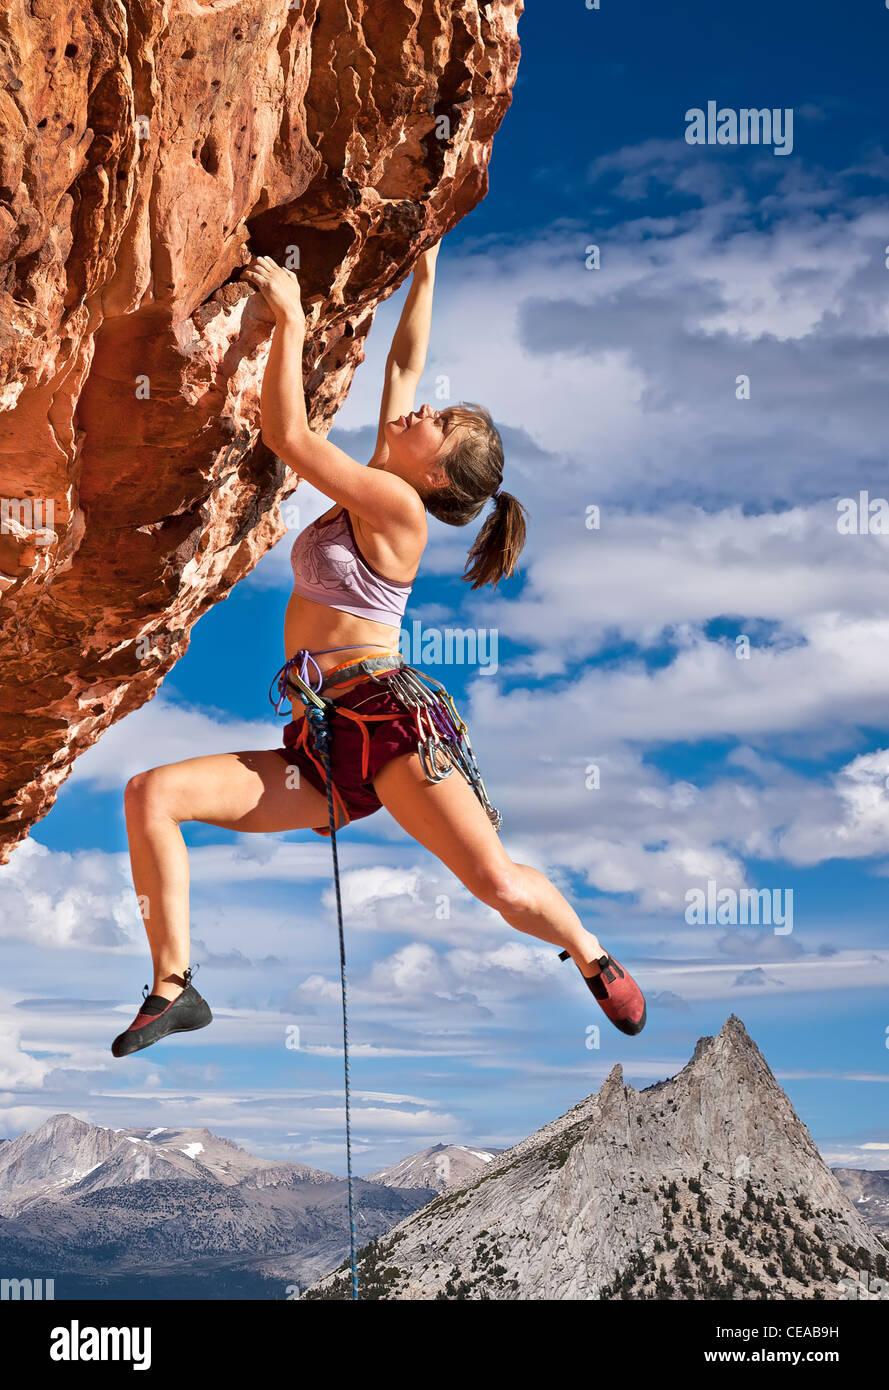 Игровой автомат rock climber kb 1203 ставку форум тотализатор